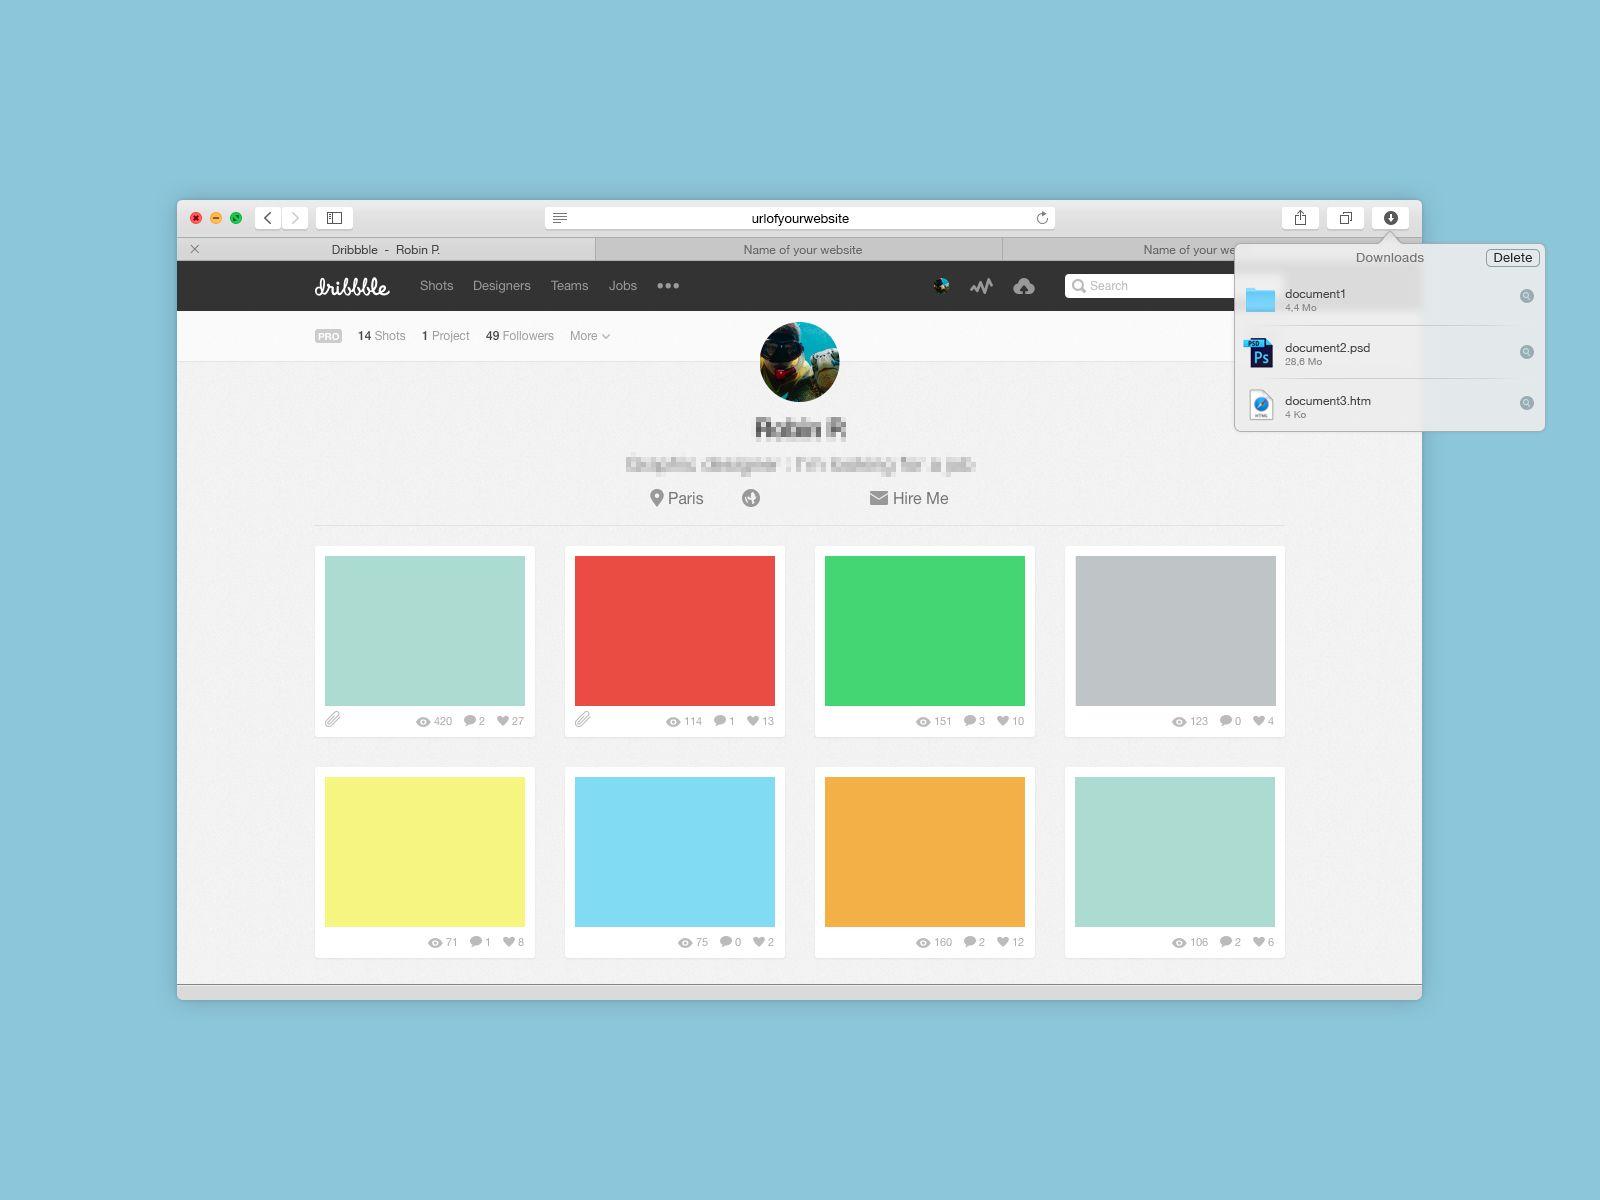 Download Free Yosemite Safari Browser Psd Mockup Download Psd Download Free Psd Resources For Designers At Downloadpsd Com Mockup Free Psd Mockup Psd Mockup